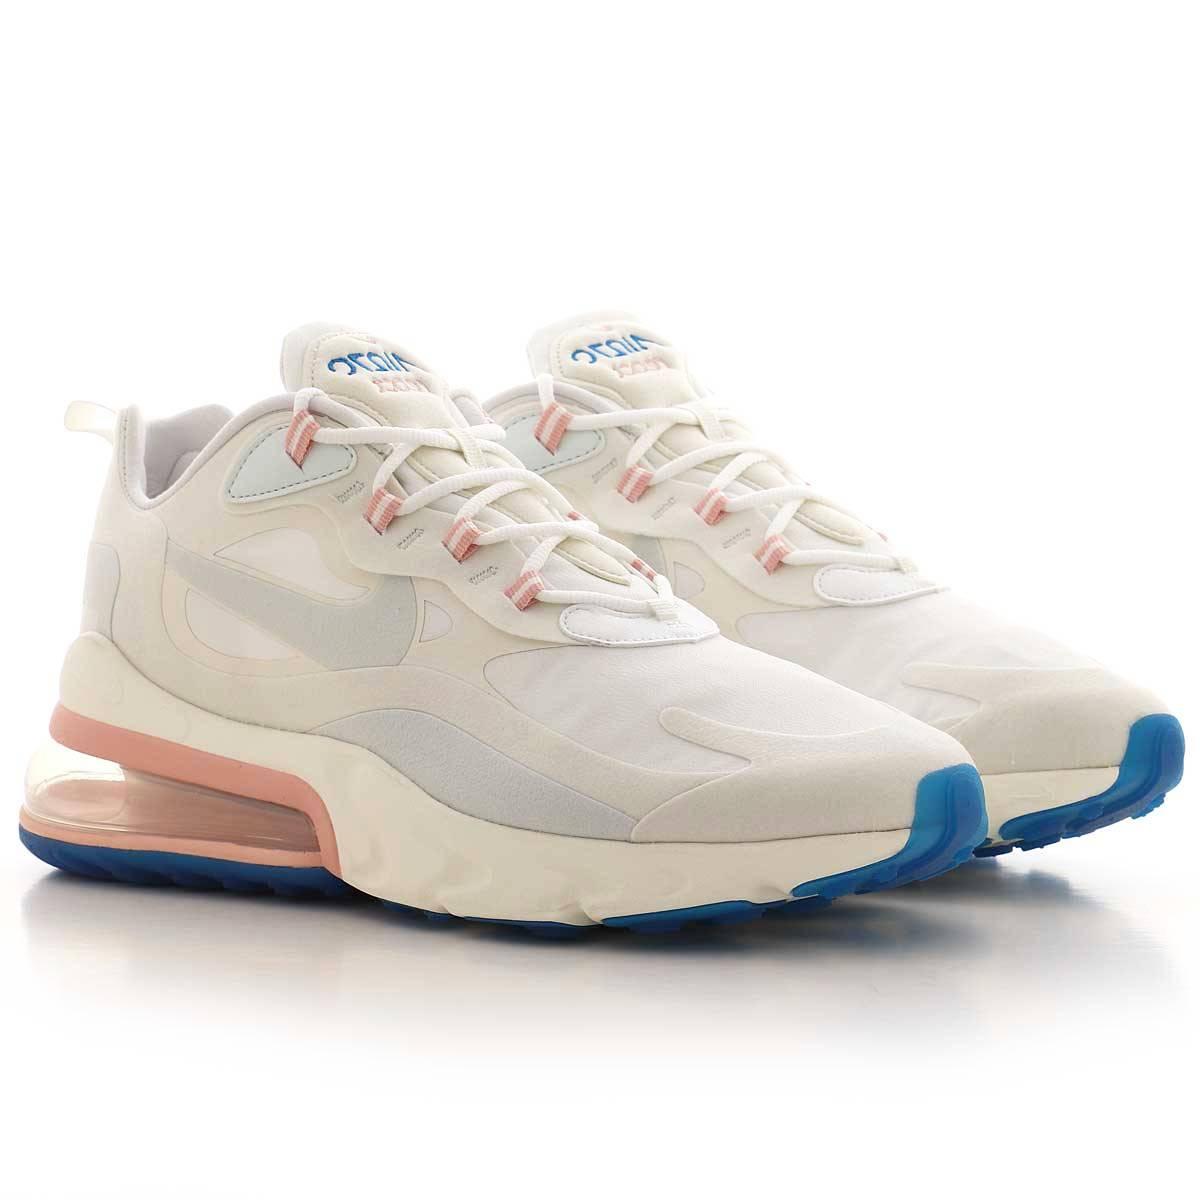 Nike Air Max 270 React blancas por 54€ | Envío Gratis | Oferta